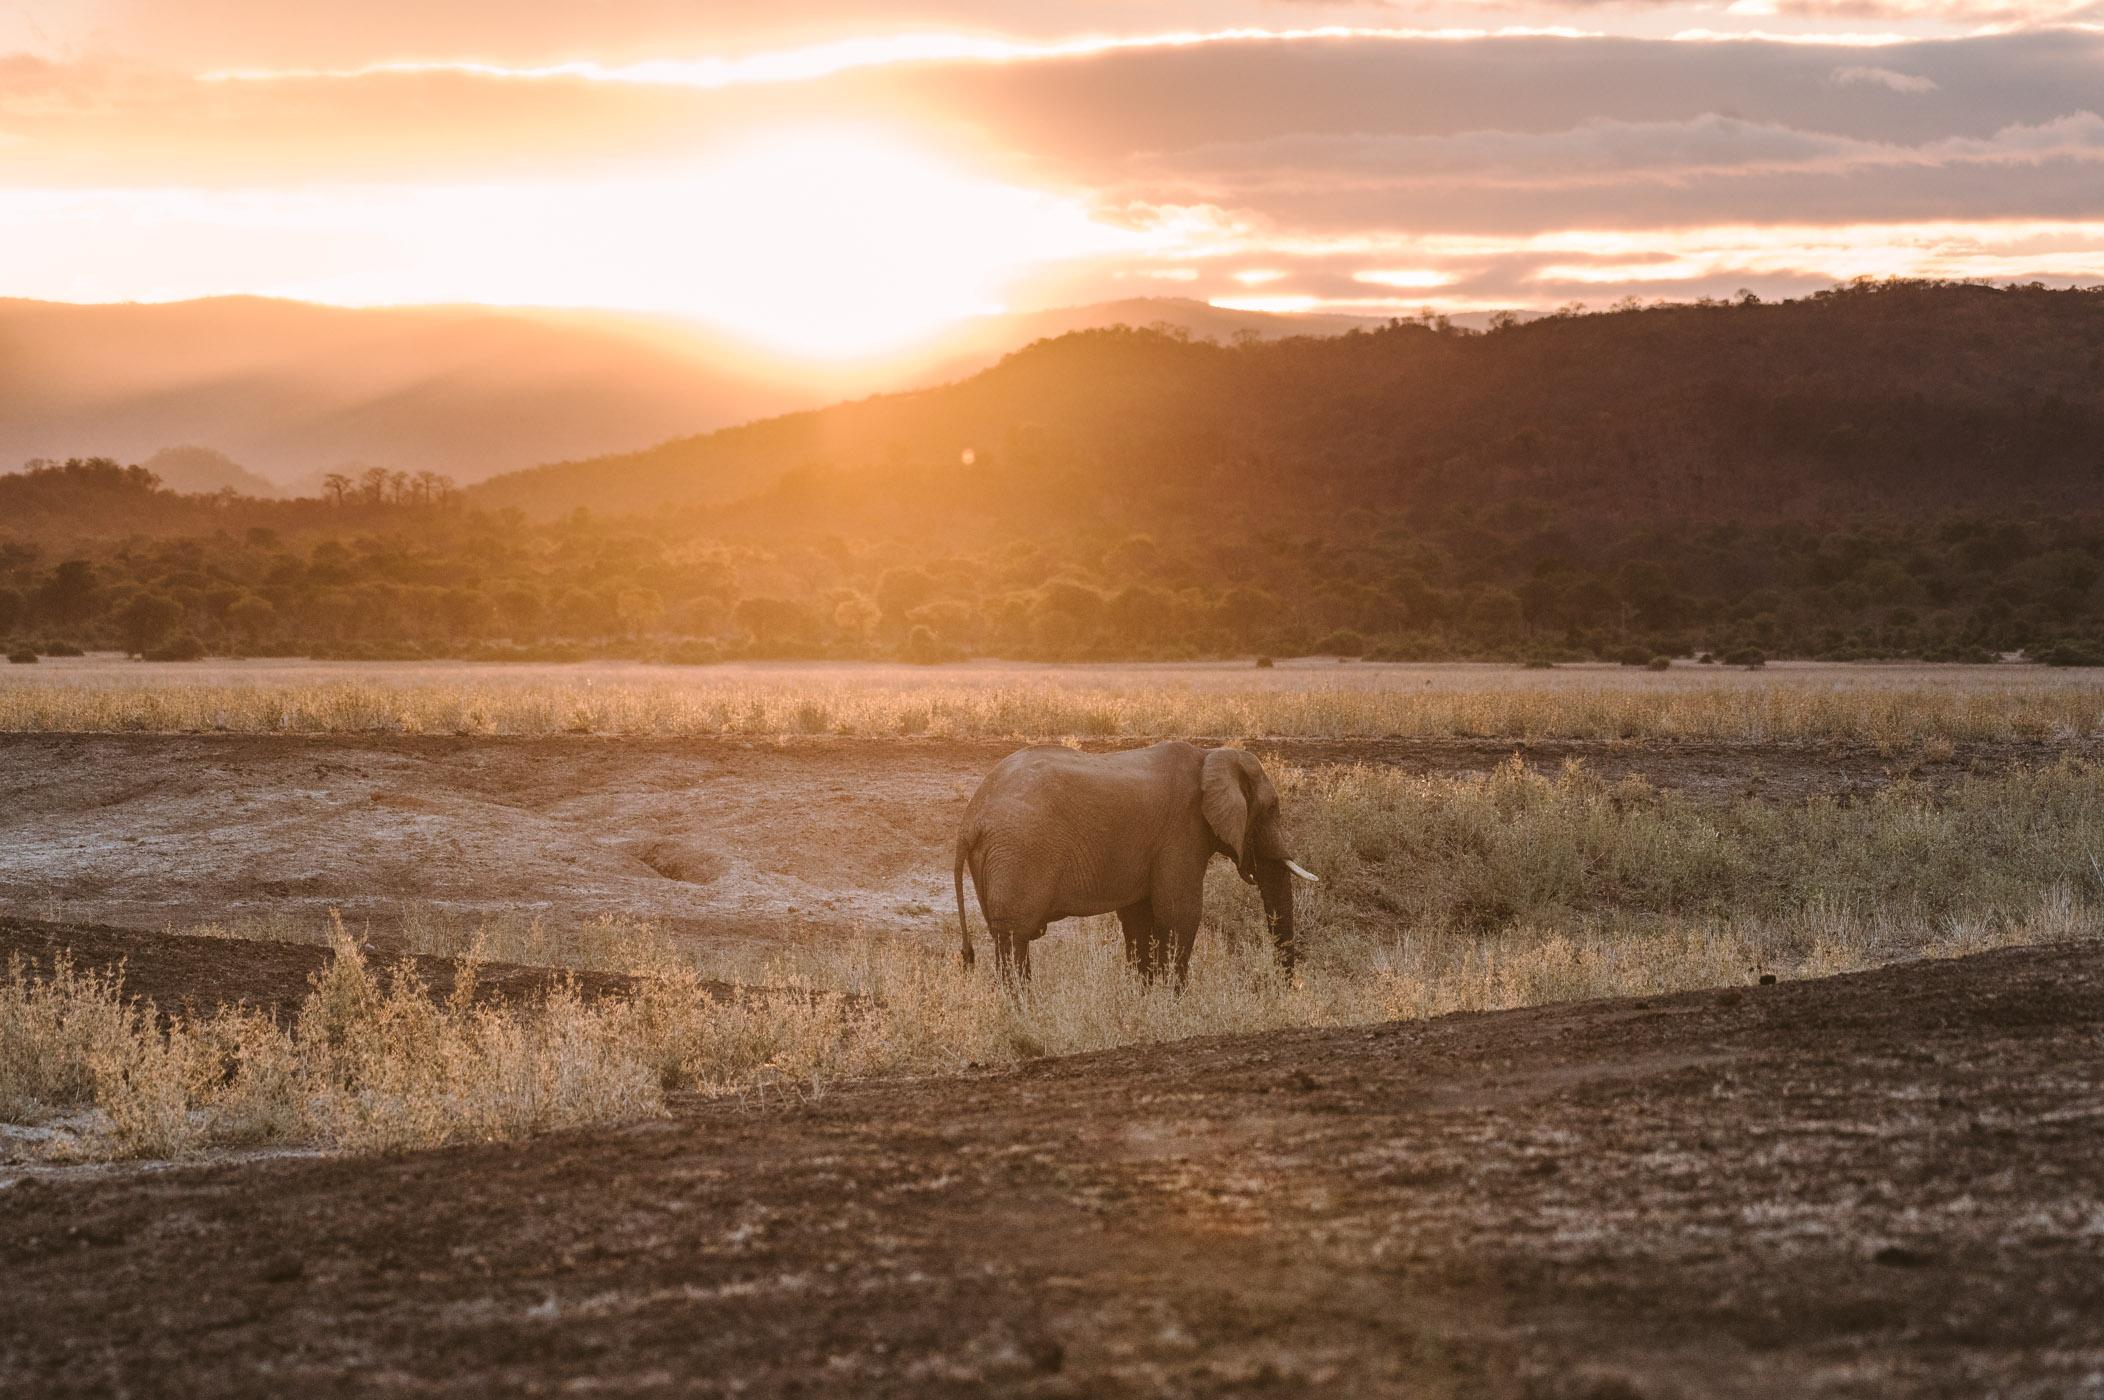 Lower Zambezi sunset at Jeki Plain with elephant